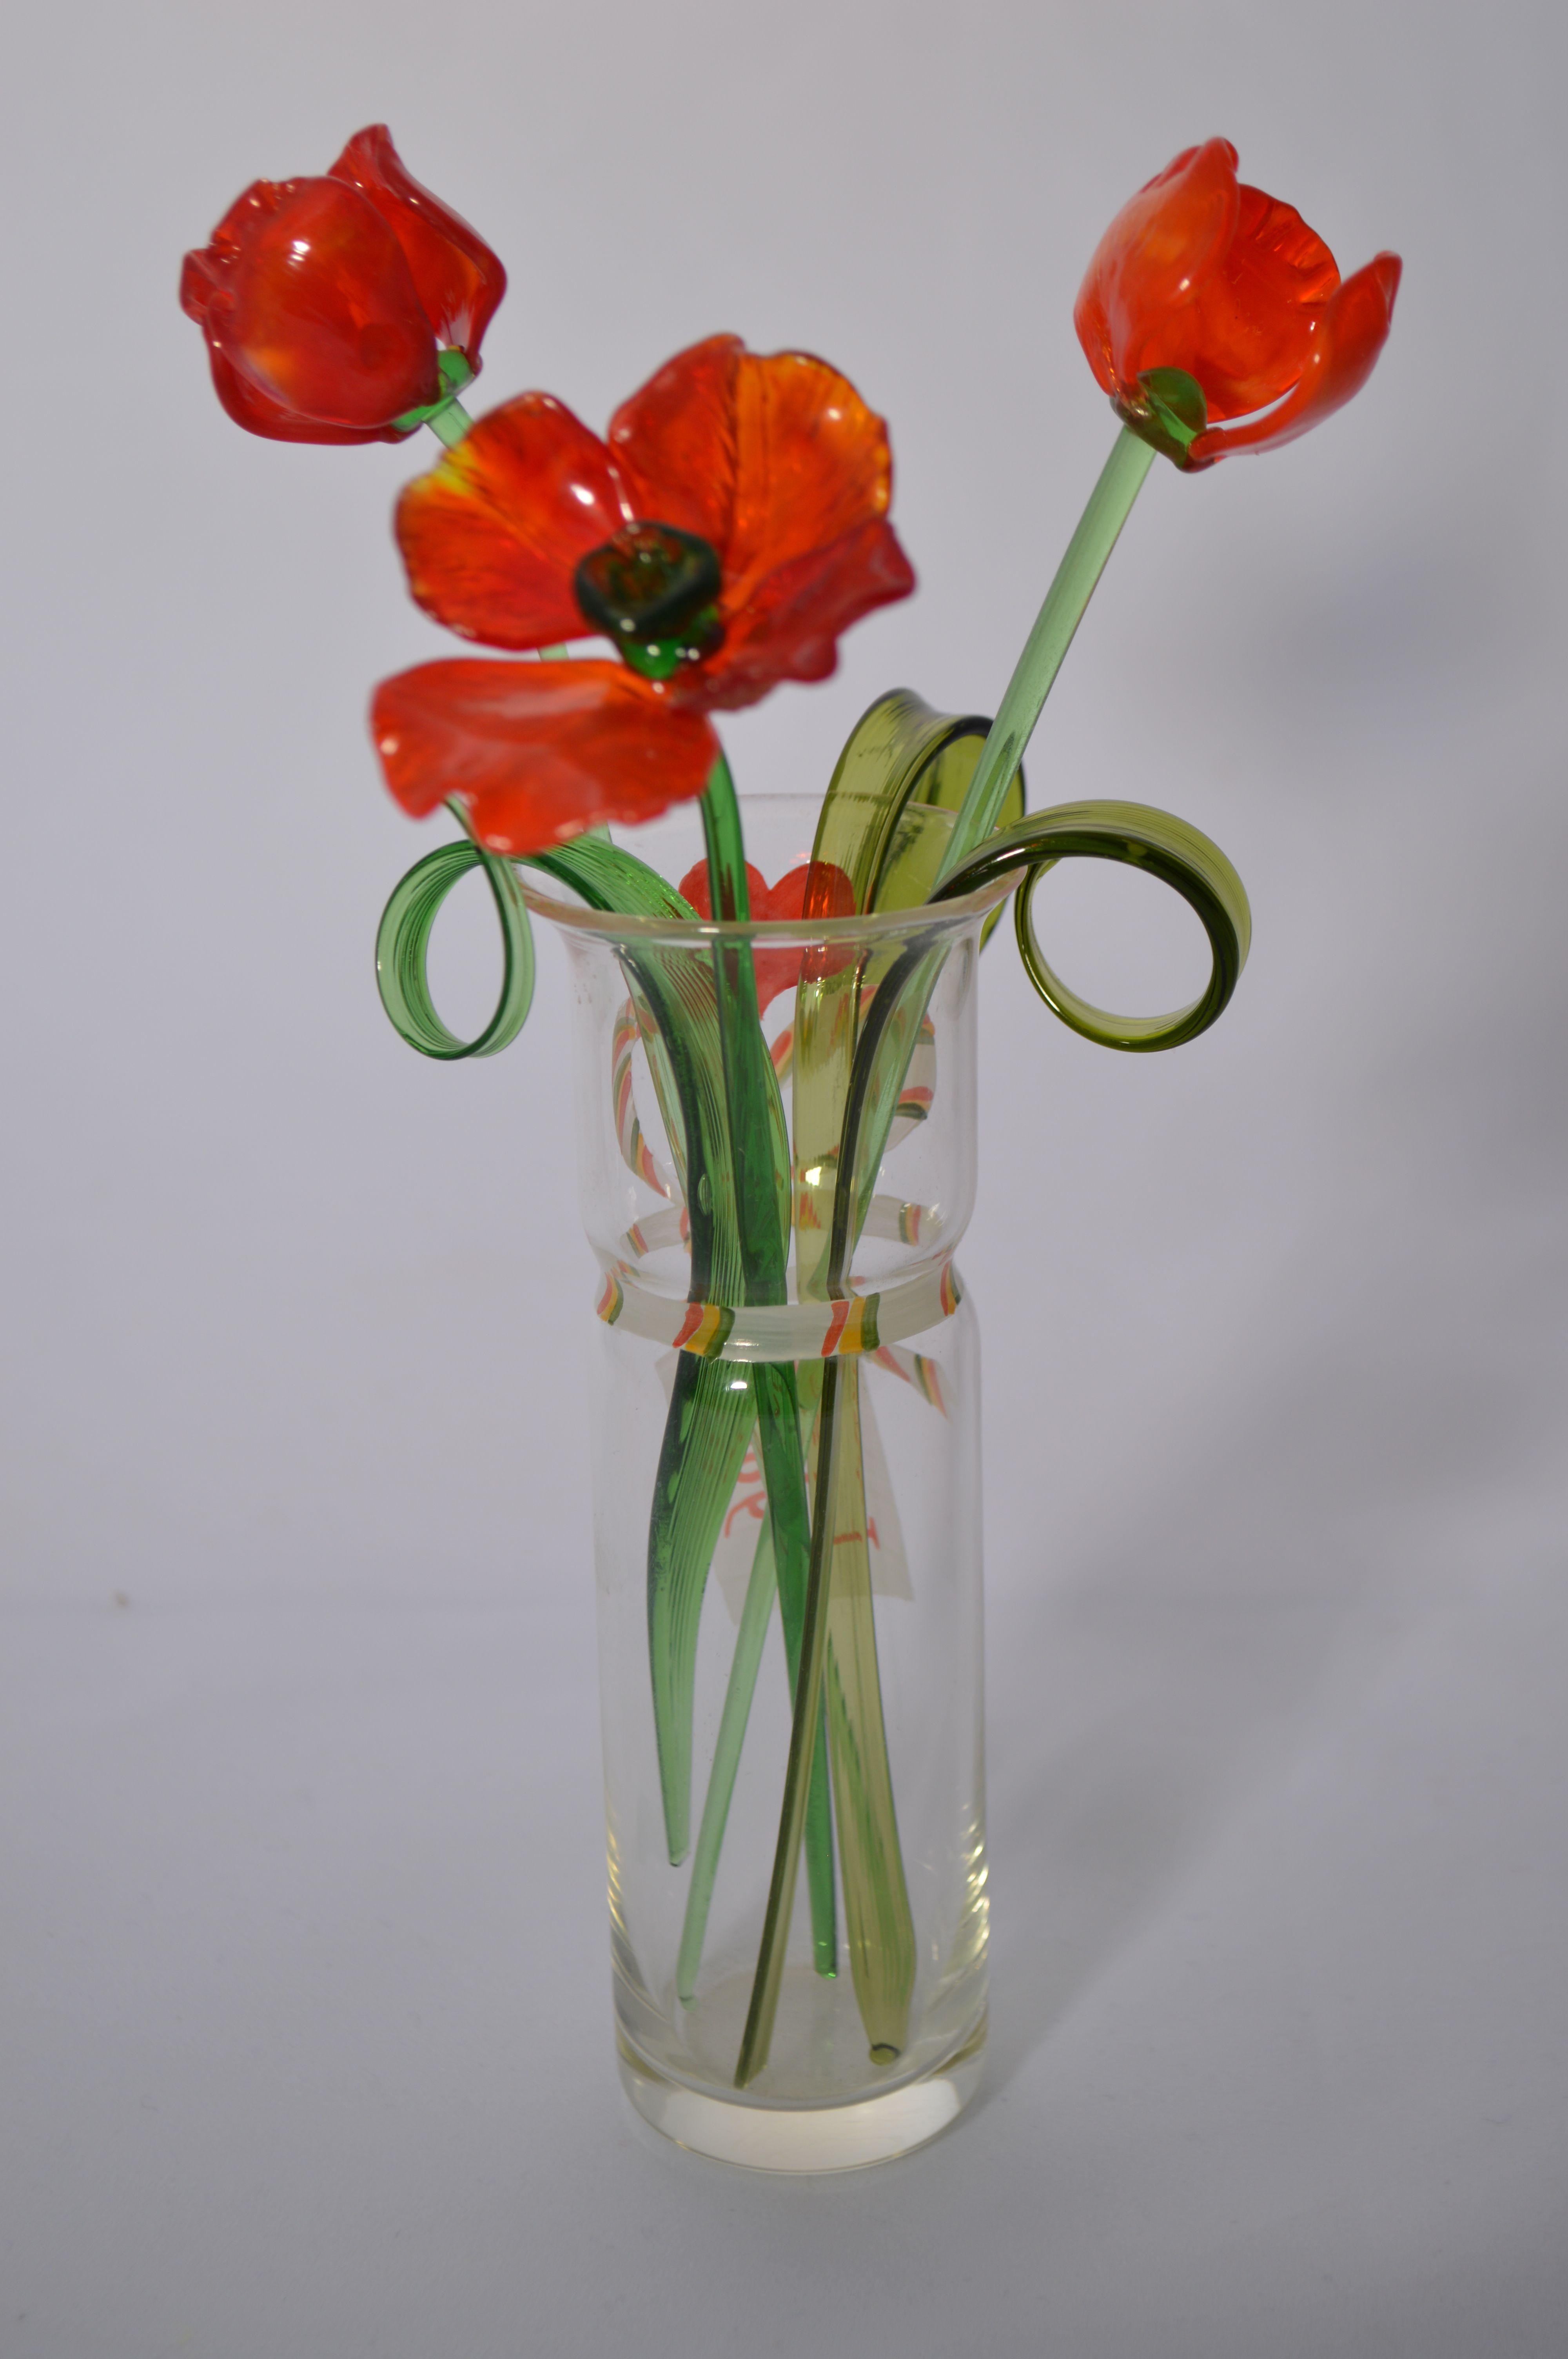 Букет 1 из трех маков в вазочке, цветное стекло от Ravta